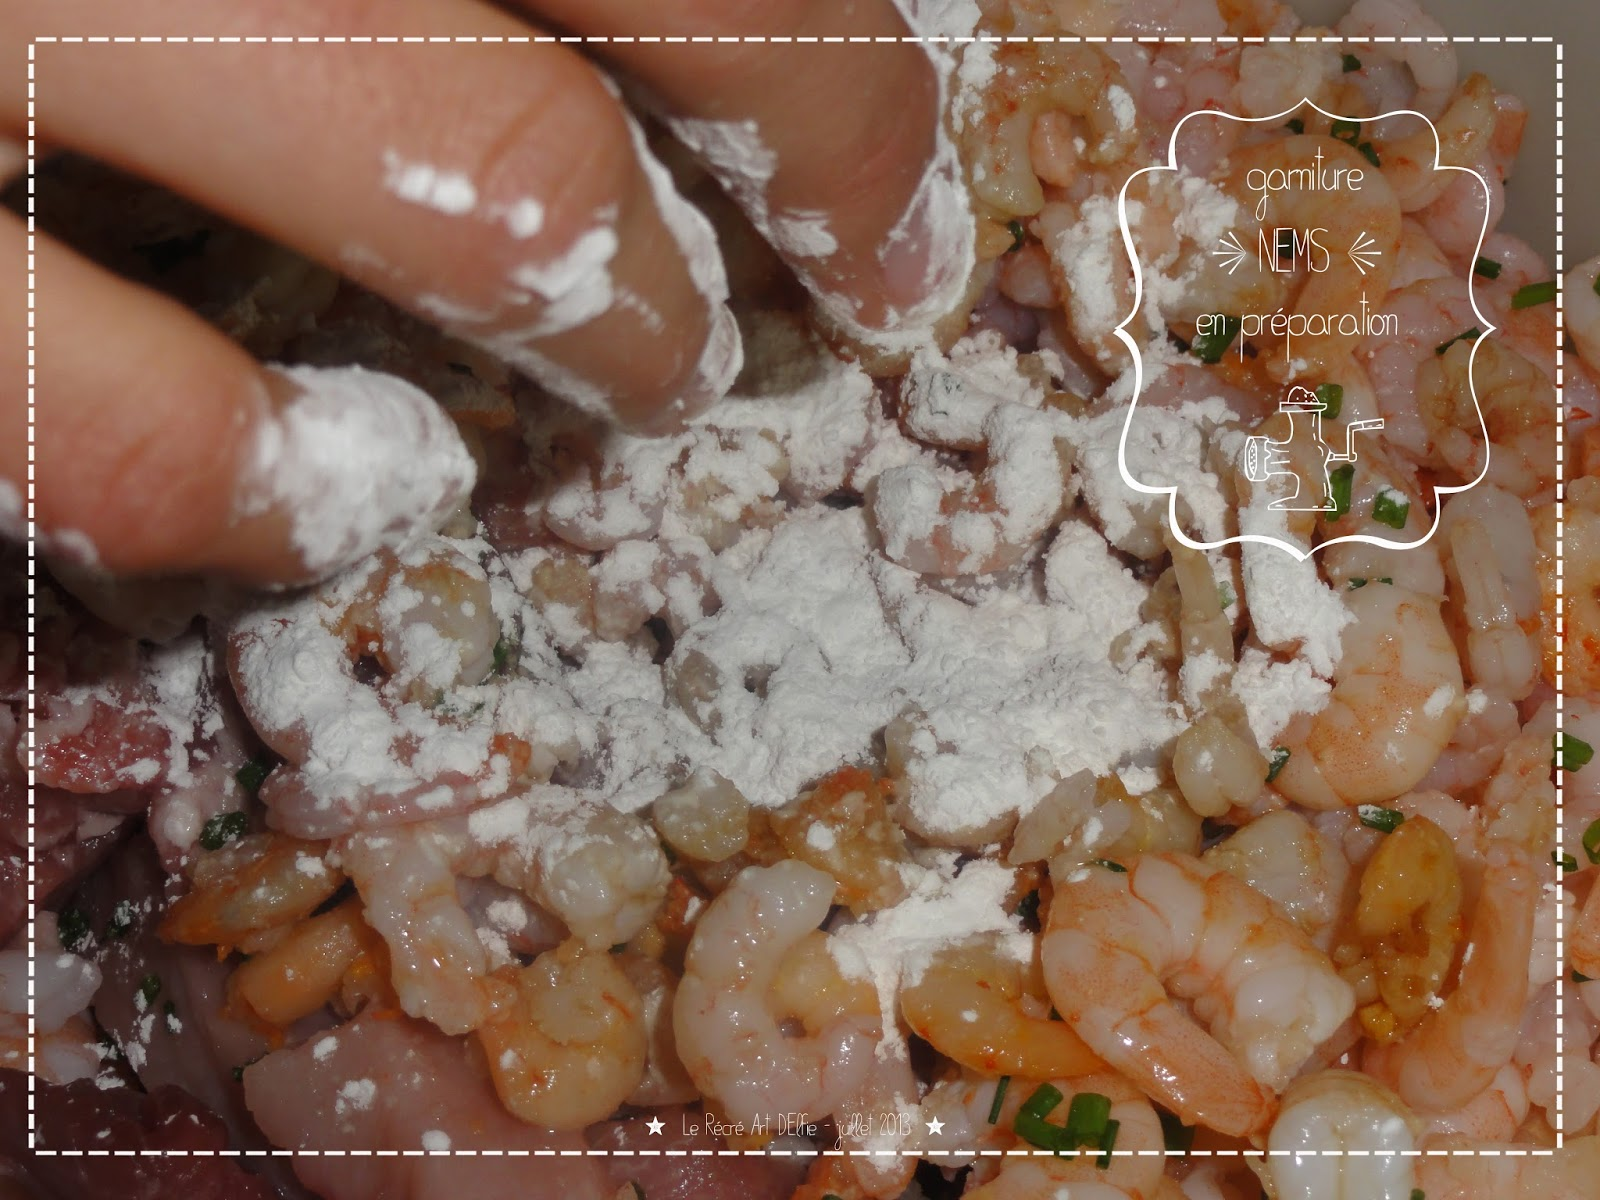 Le r cr art delfie atelier culinaire n 4 saveurs for Apprendre cuisine asiatique